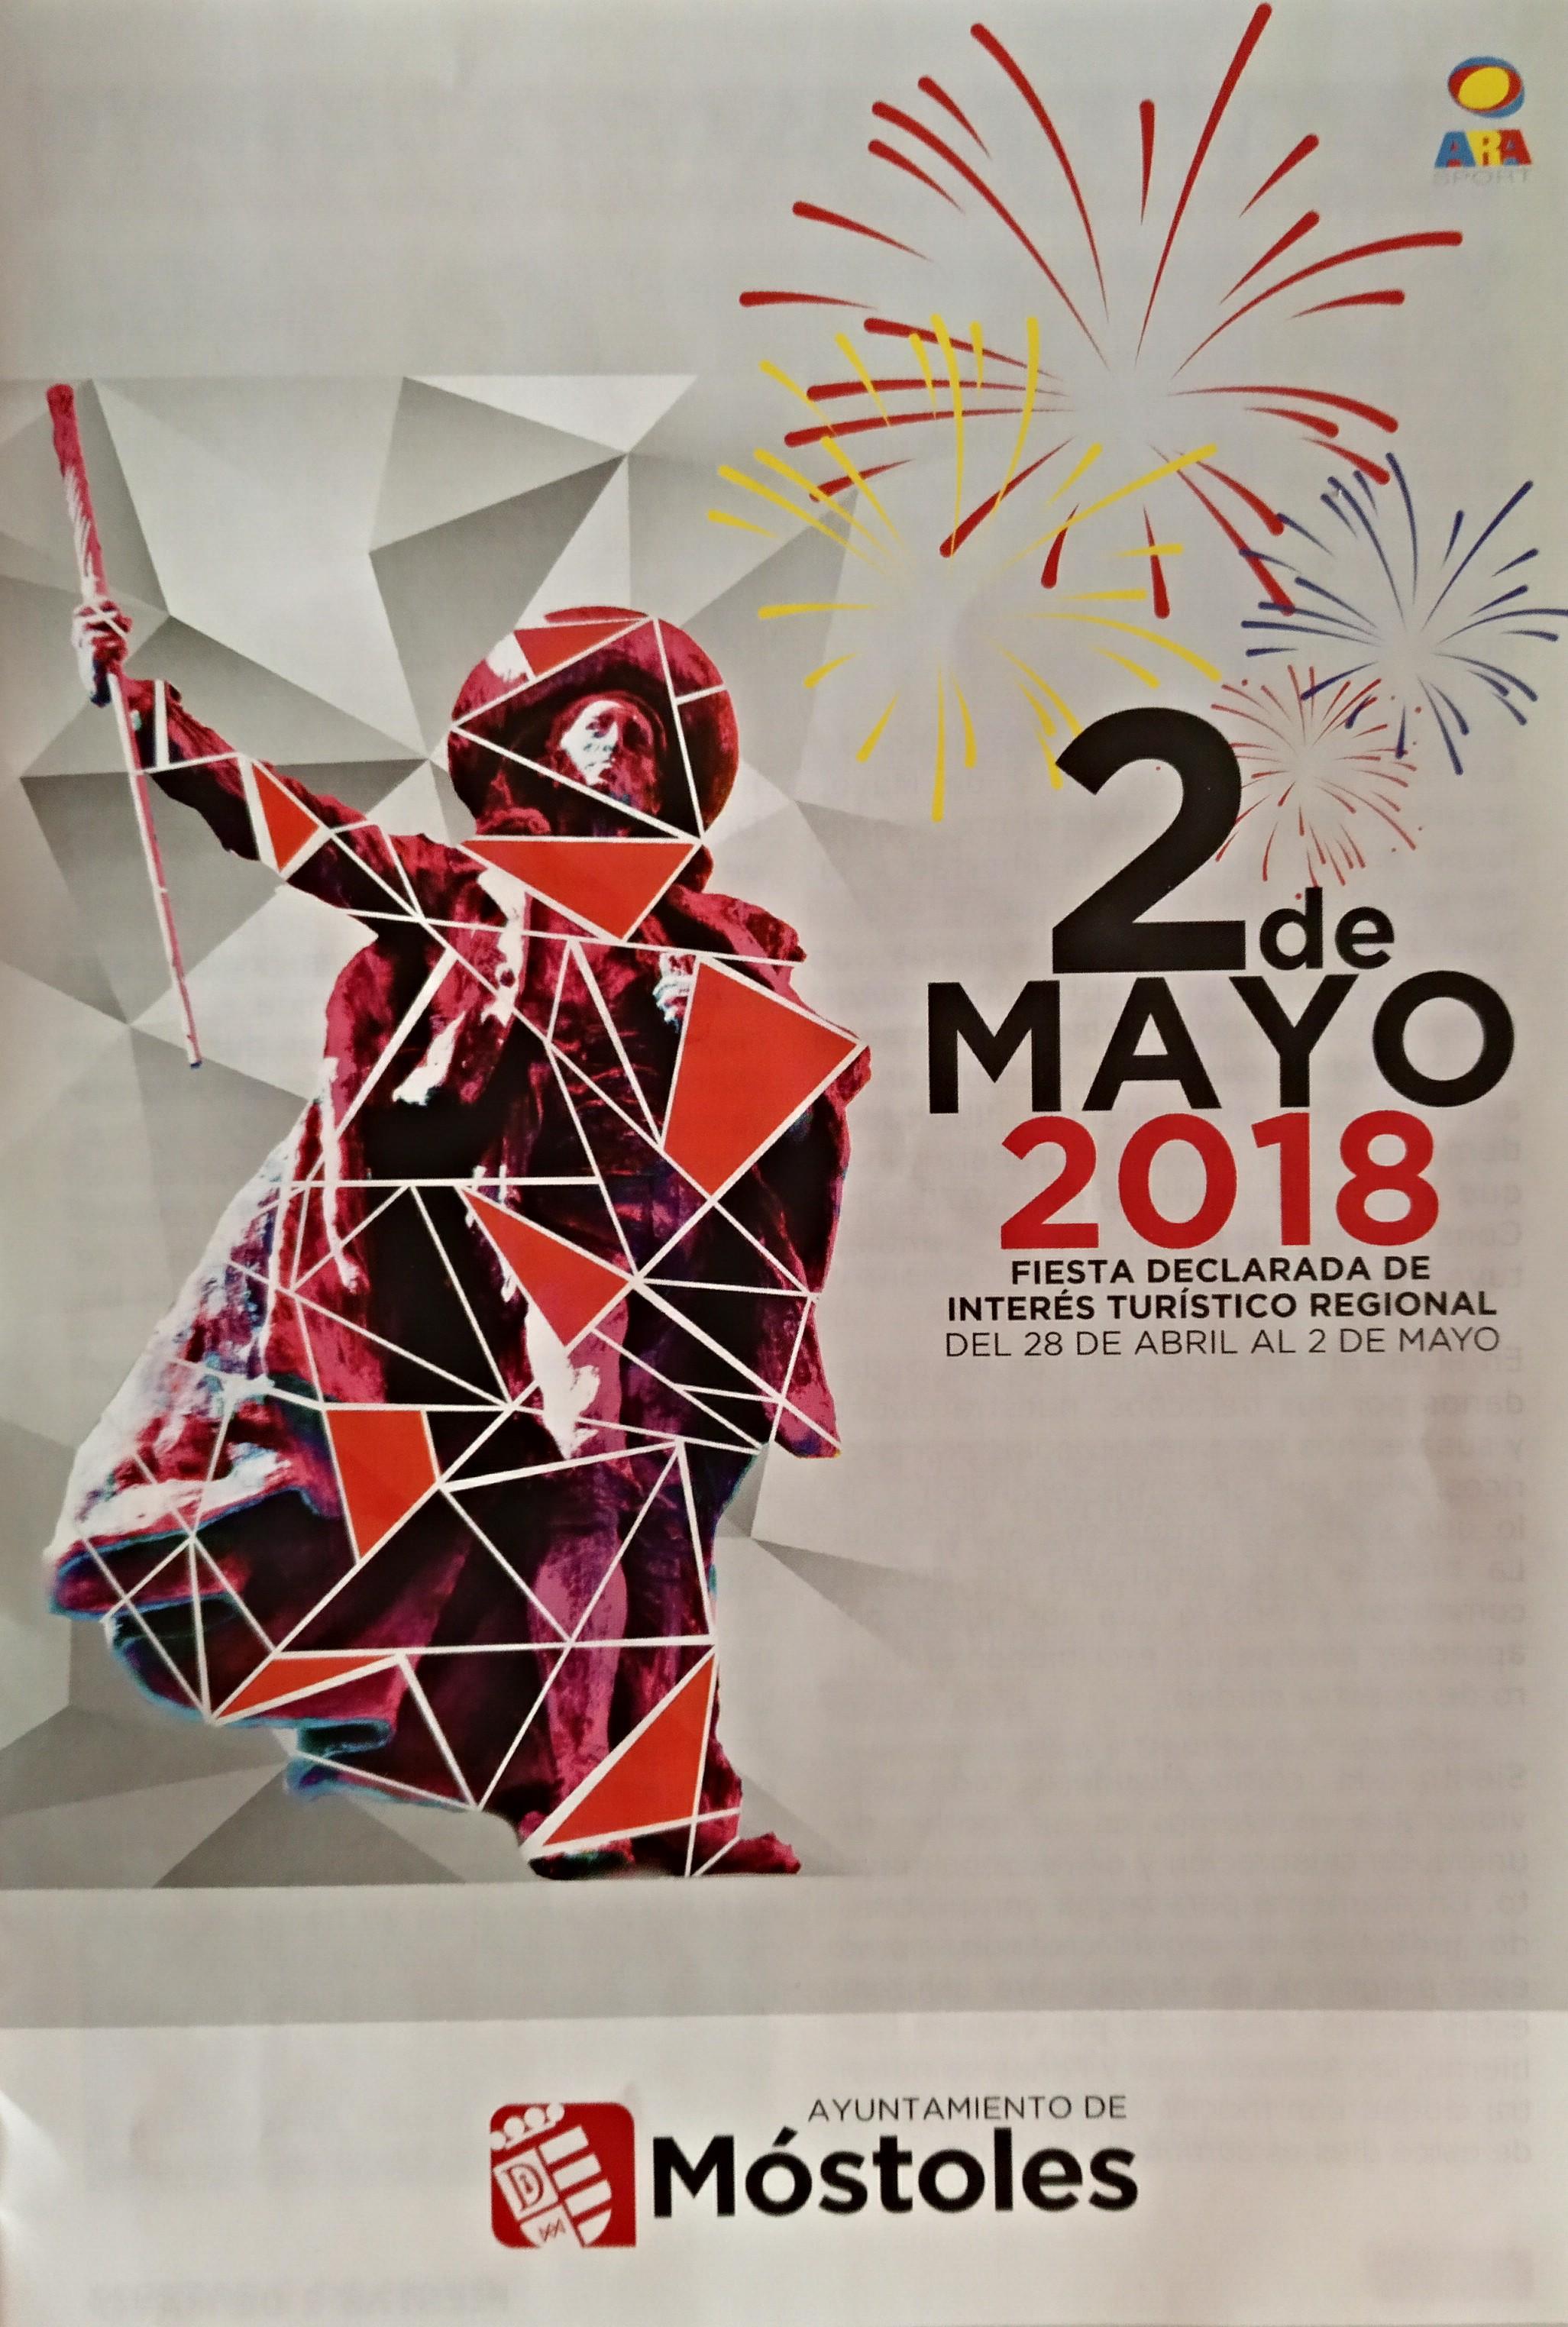 FIESTAS DEL 2 DE MAYO, MOSTOLES 2018